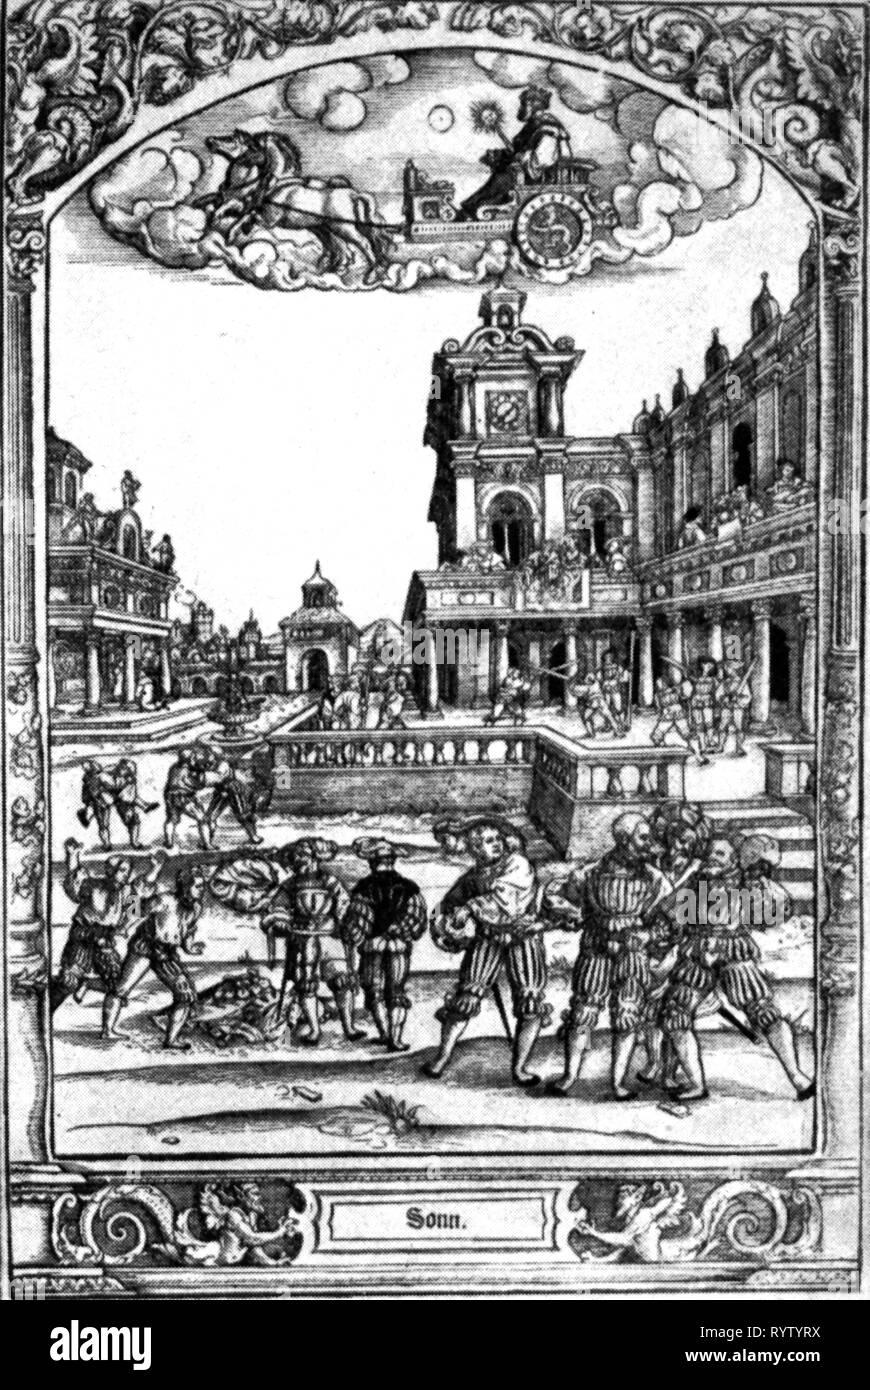 L'astronomie, allégories, sun, sun dieu dans le char au-dessus de la cour intérieure avec guerrier pendant un entraînement aux armes, gravure sur cuivre, par Hans Sebald Beham (1500 - 1550), 1530 - 1540, l'artiste n'a pas d'auteur pour être effacé Photo Stock